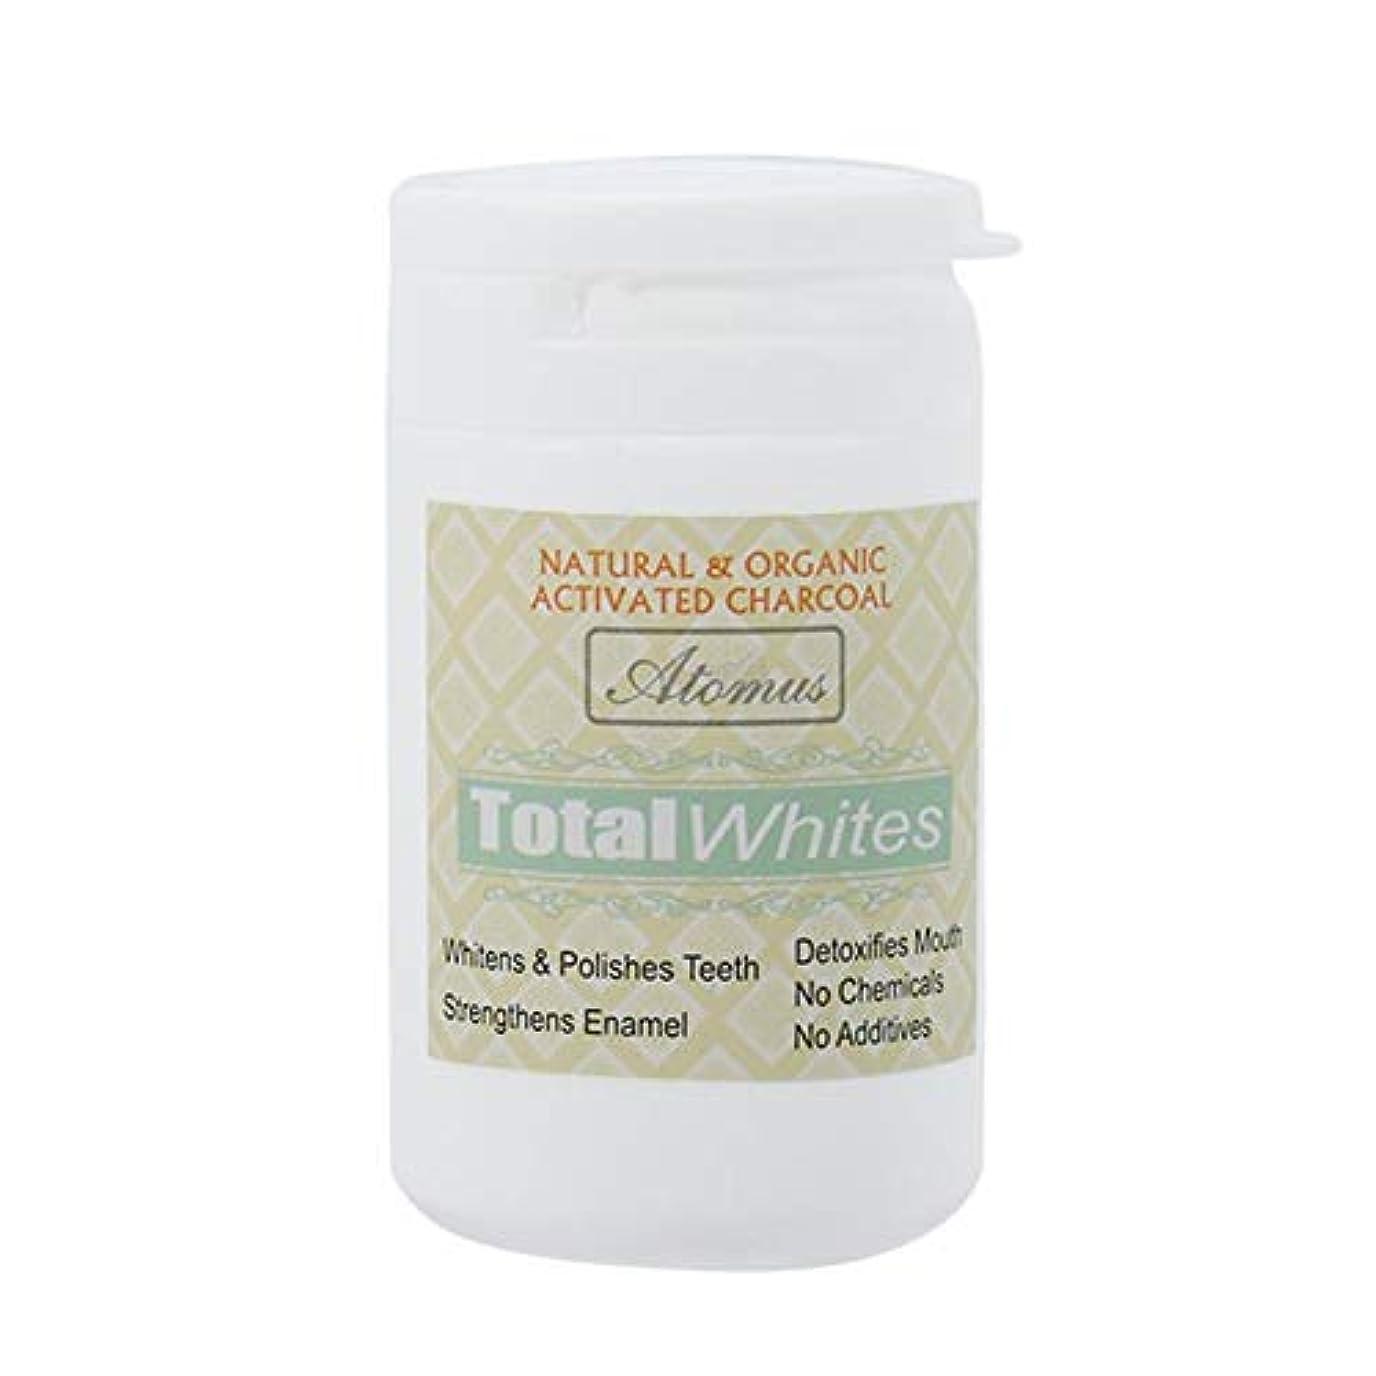 野生期待していらいらさせる歯のホワイトニングパウダー、活性炭の歯のホワイトナーパウダー - 有機安全で効果的なホワイトナーの解決策 - ホワイトニングの歯とフレッシュな息